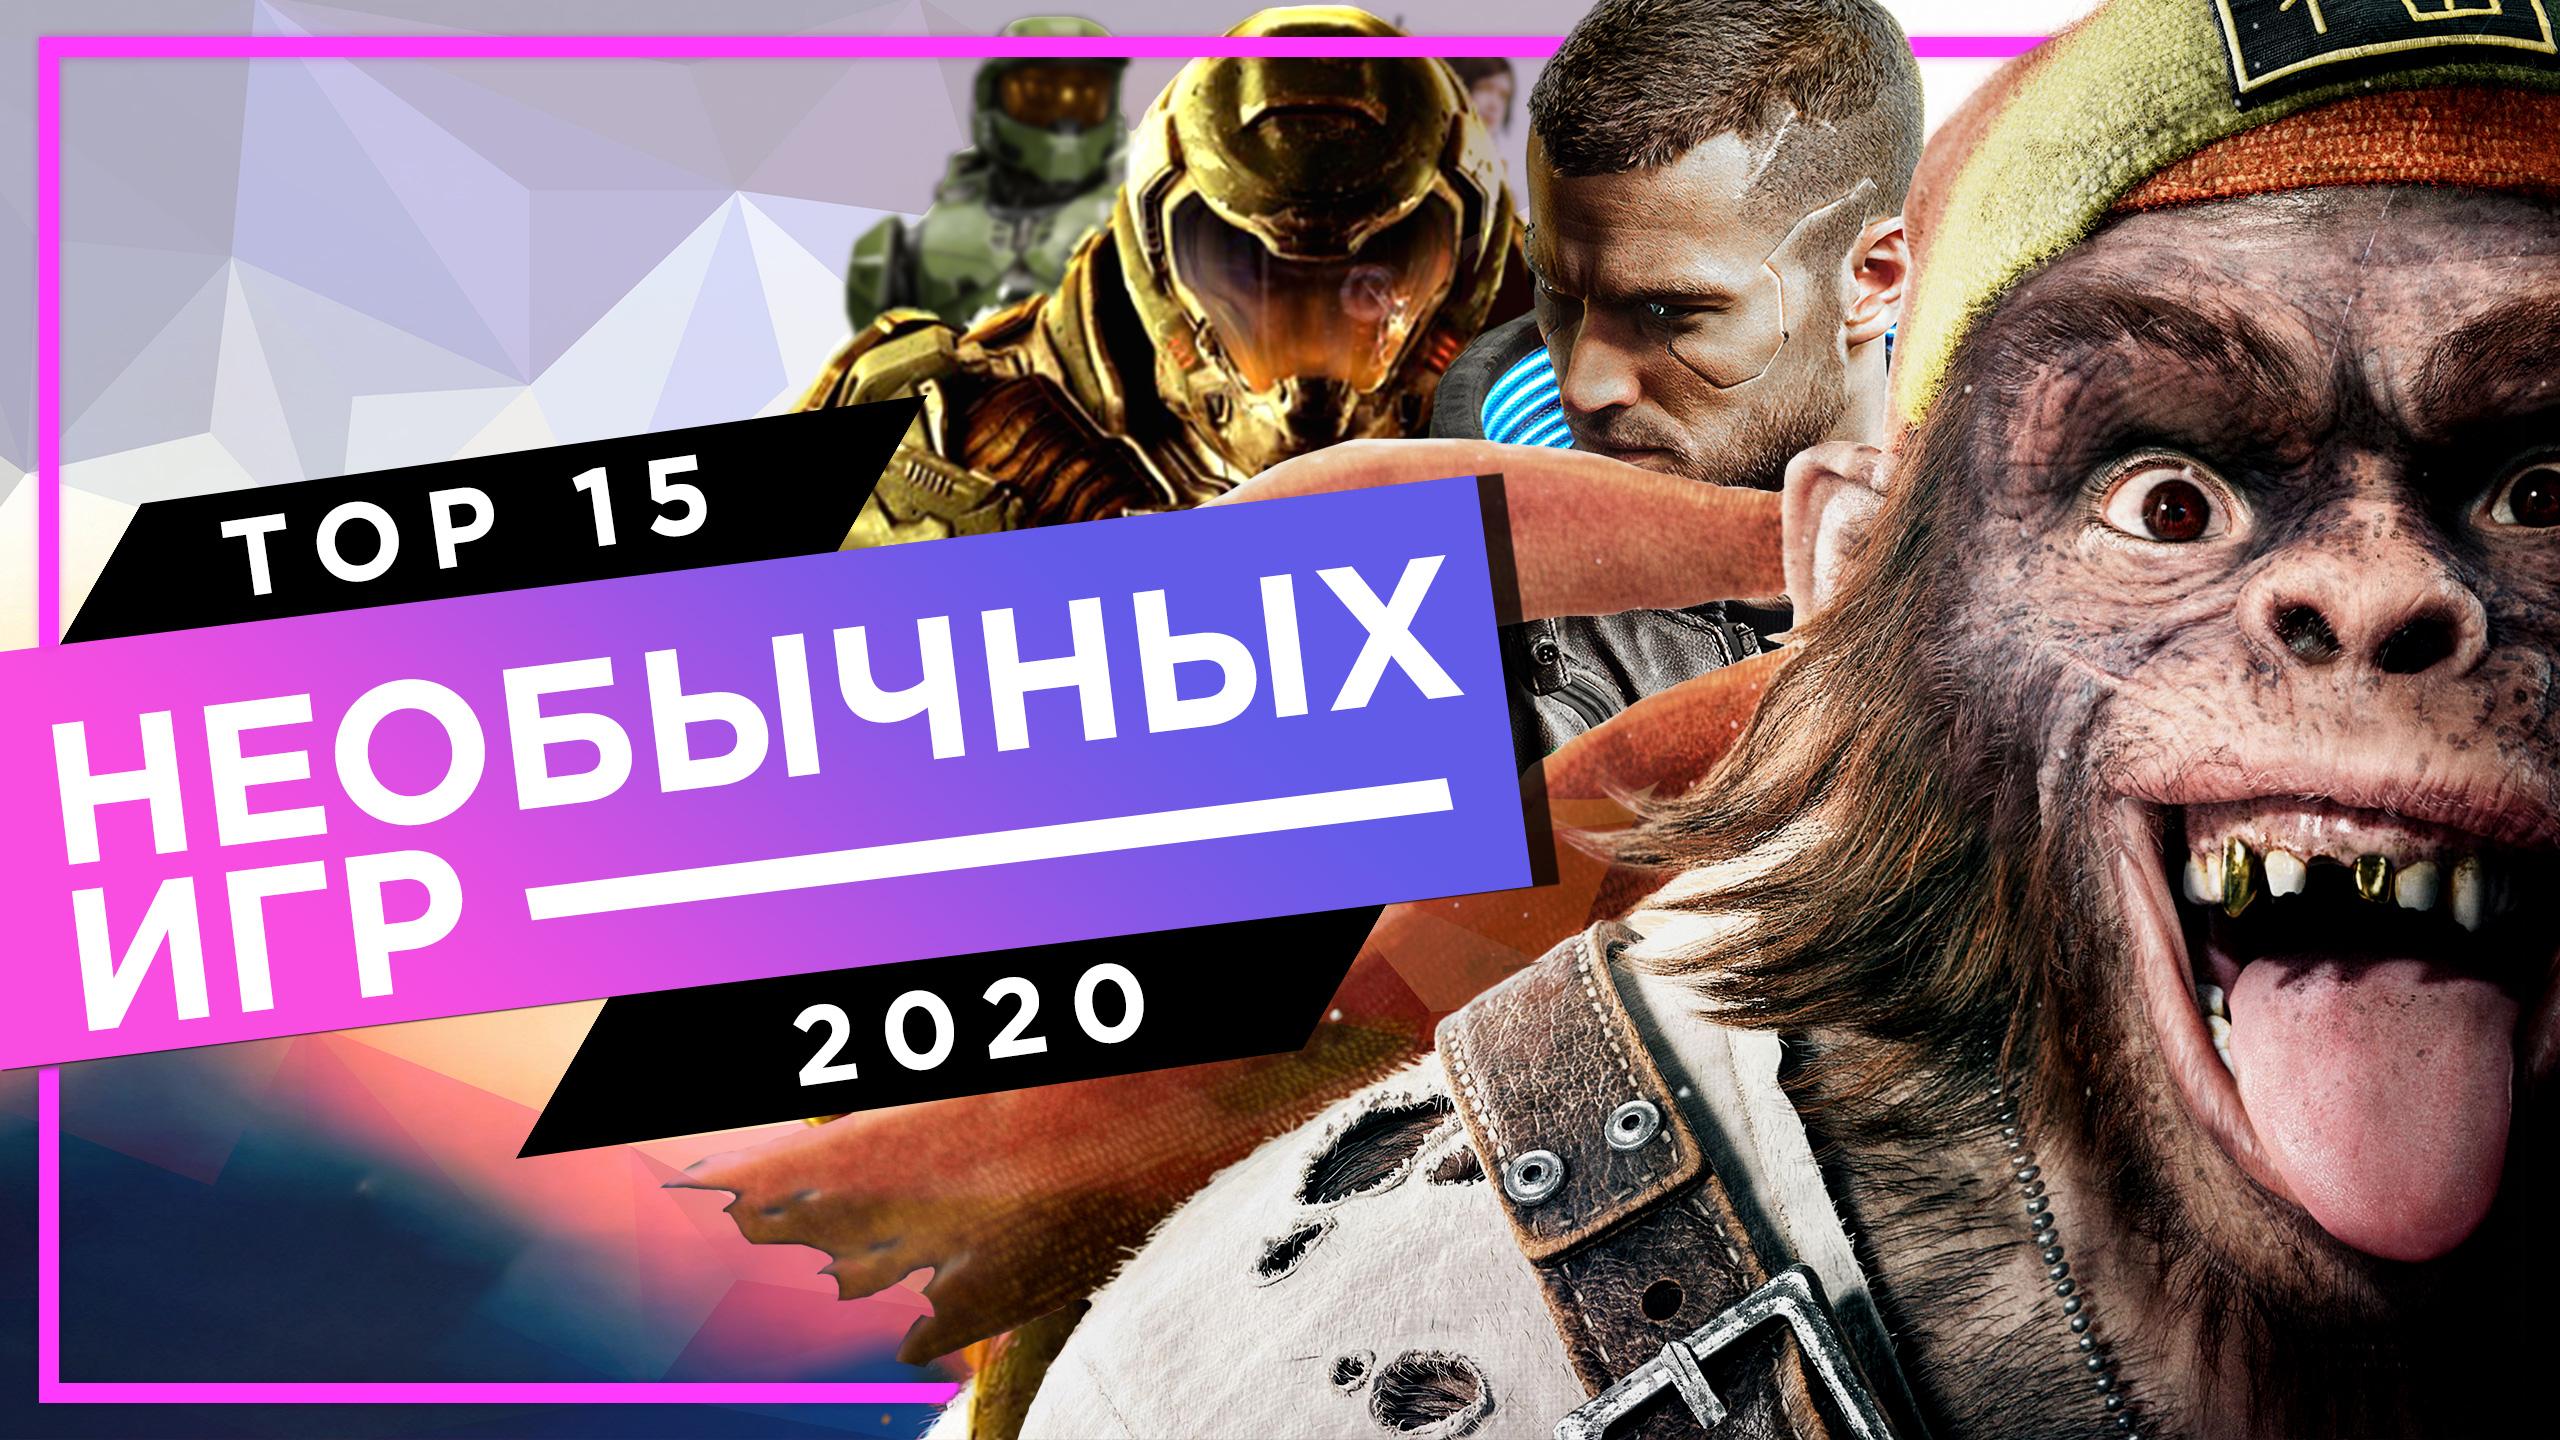 ПОДБОРКА ОЖИДАЕМЫХ ИГР 2020 ГОДА - ТОП 15 НЕОБЫЧНЫХ ИГР